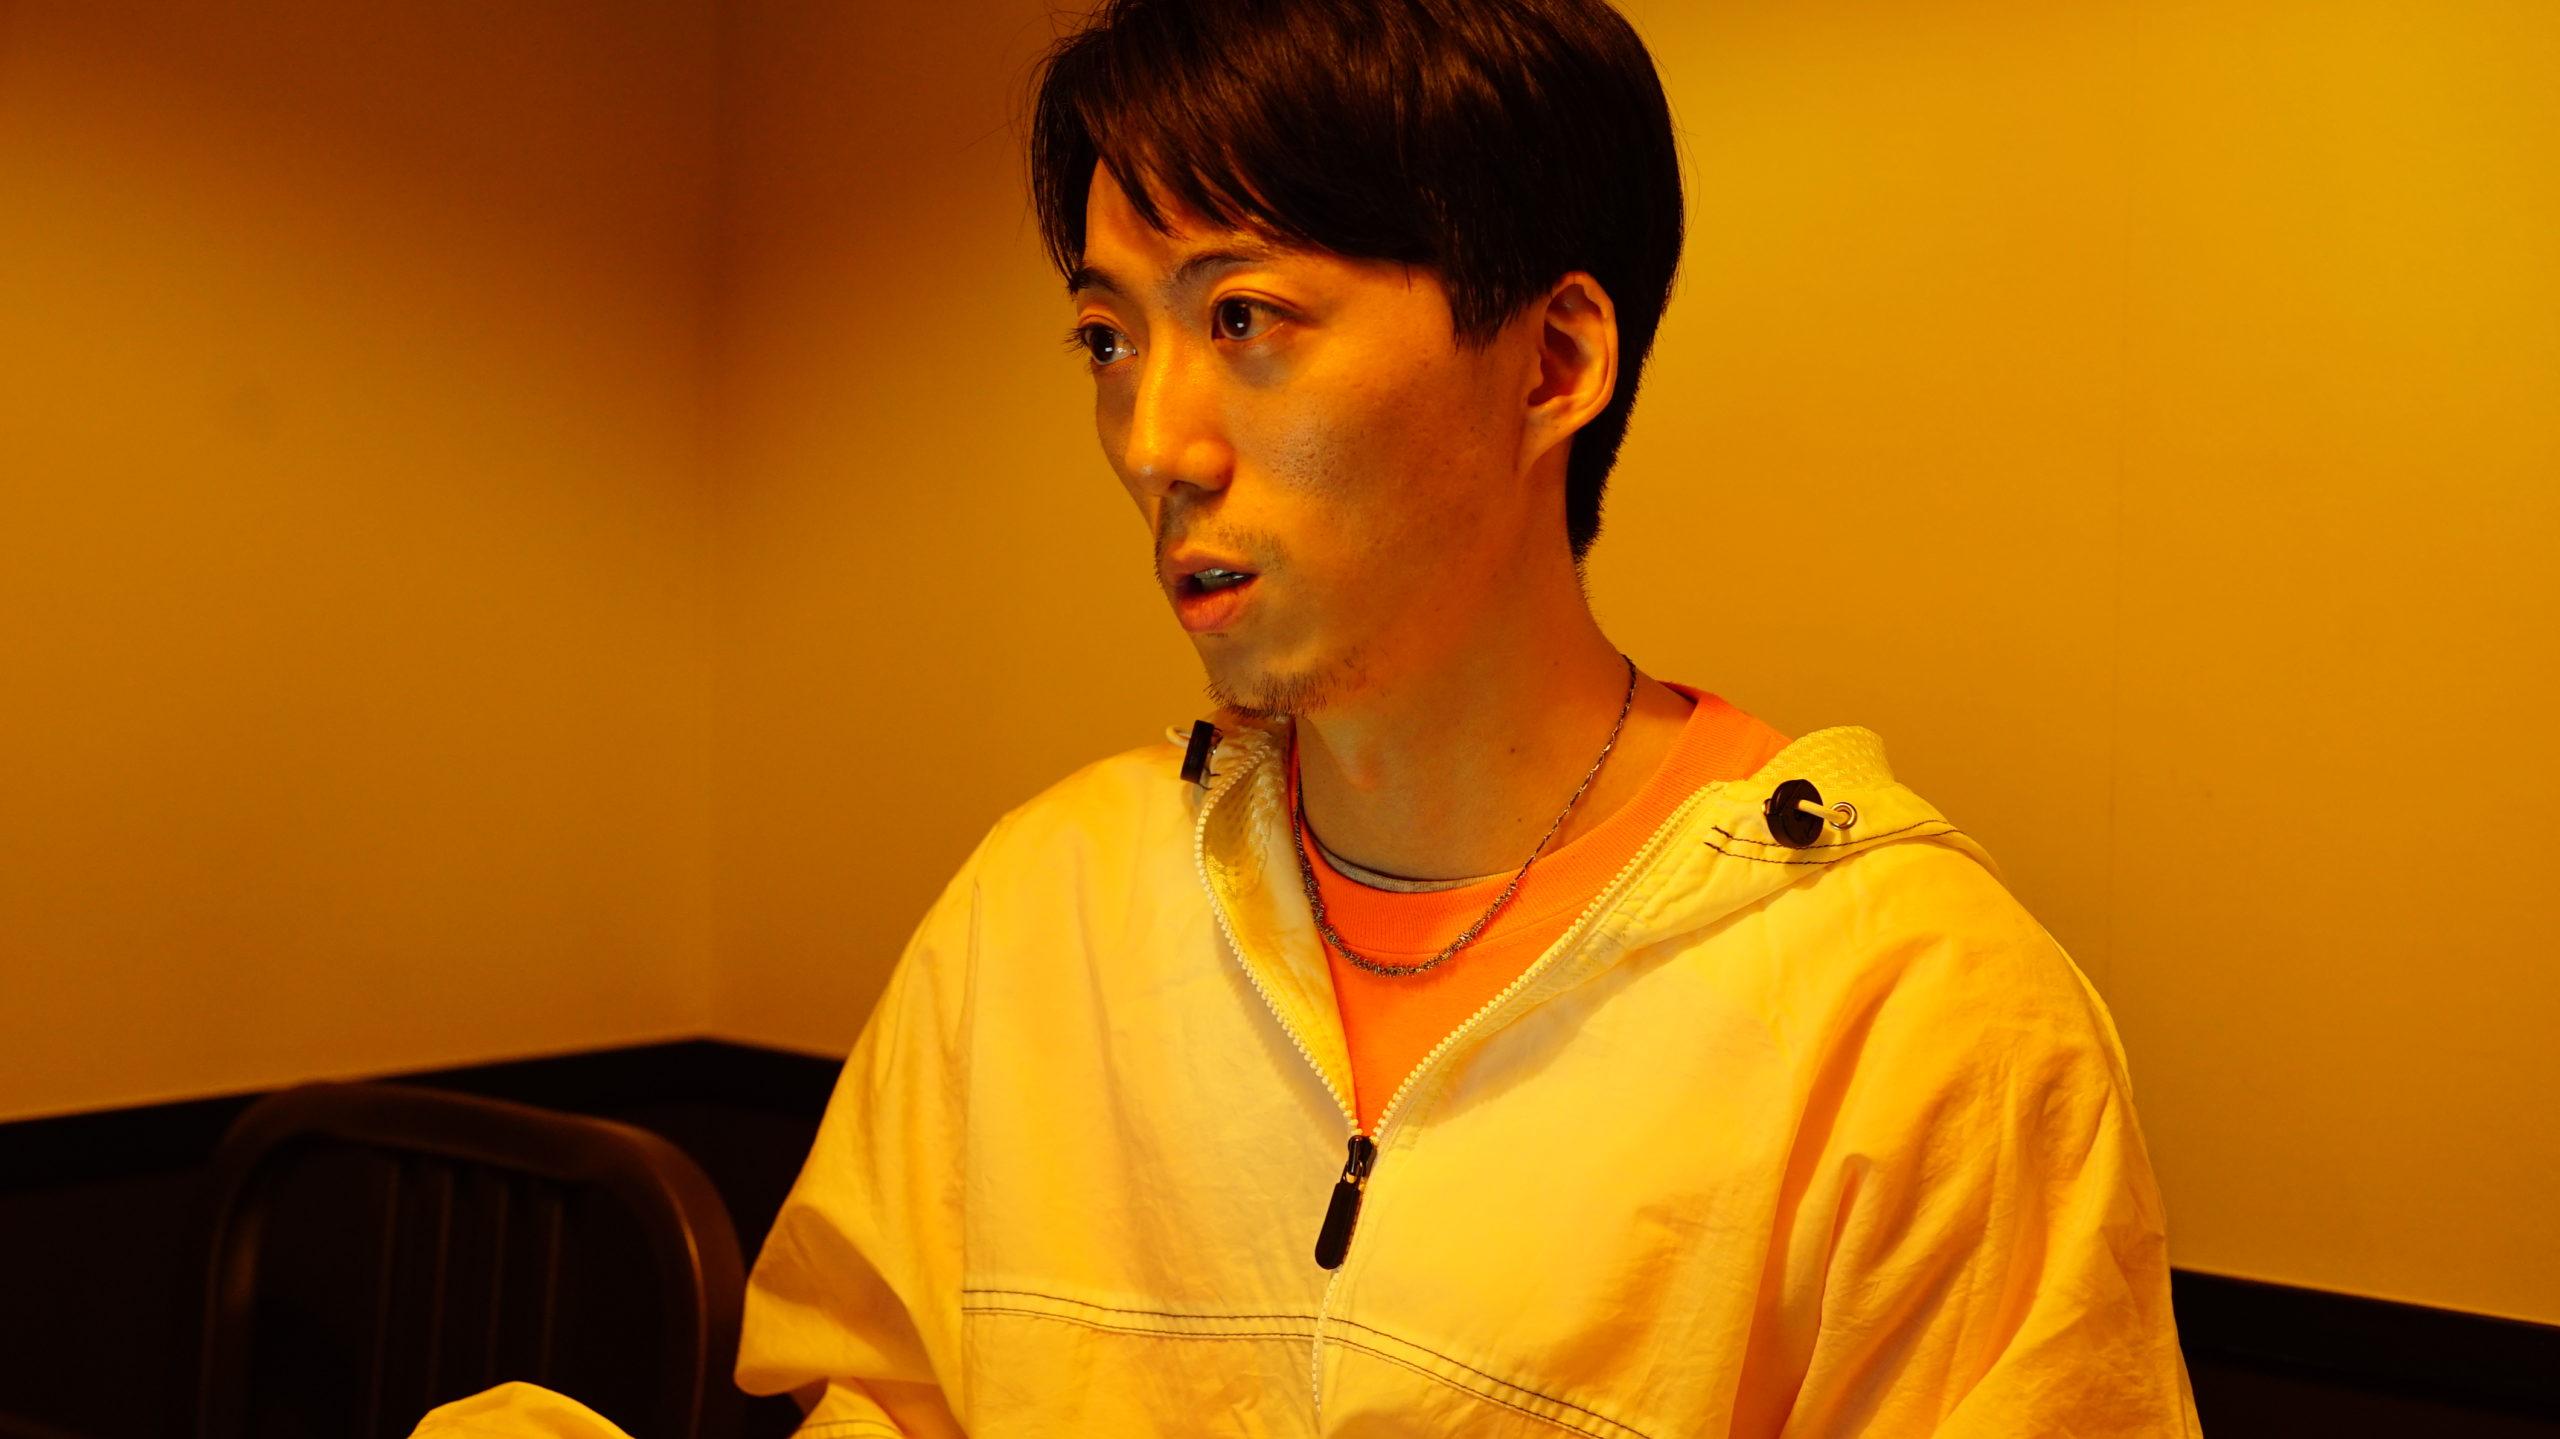 マーケティングコンサル会社「THE HILL OFFICE合同会社」片山俊基さんインタビュー